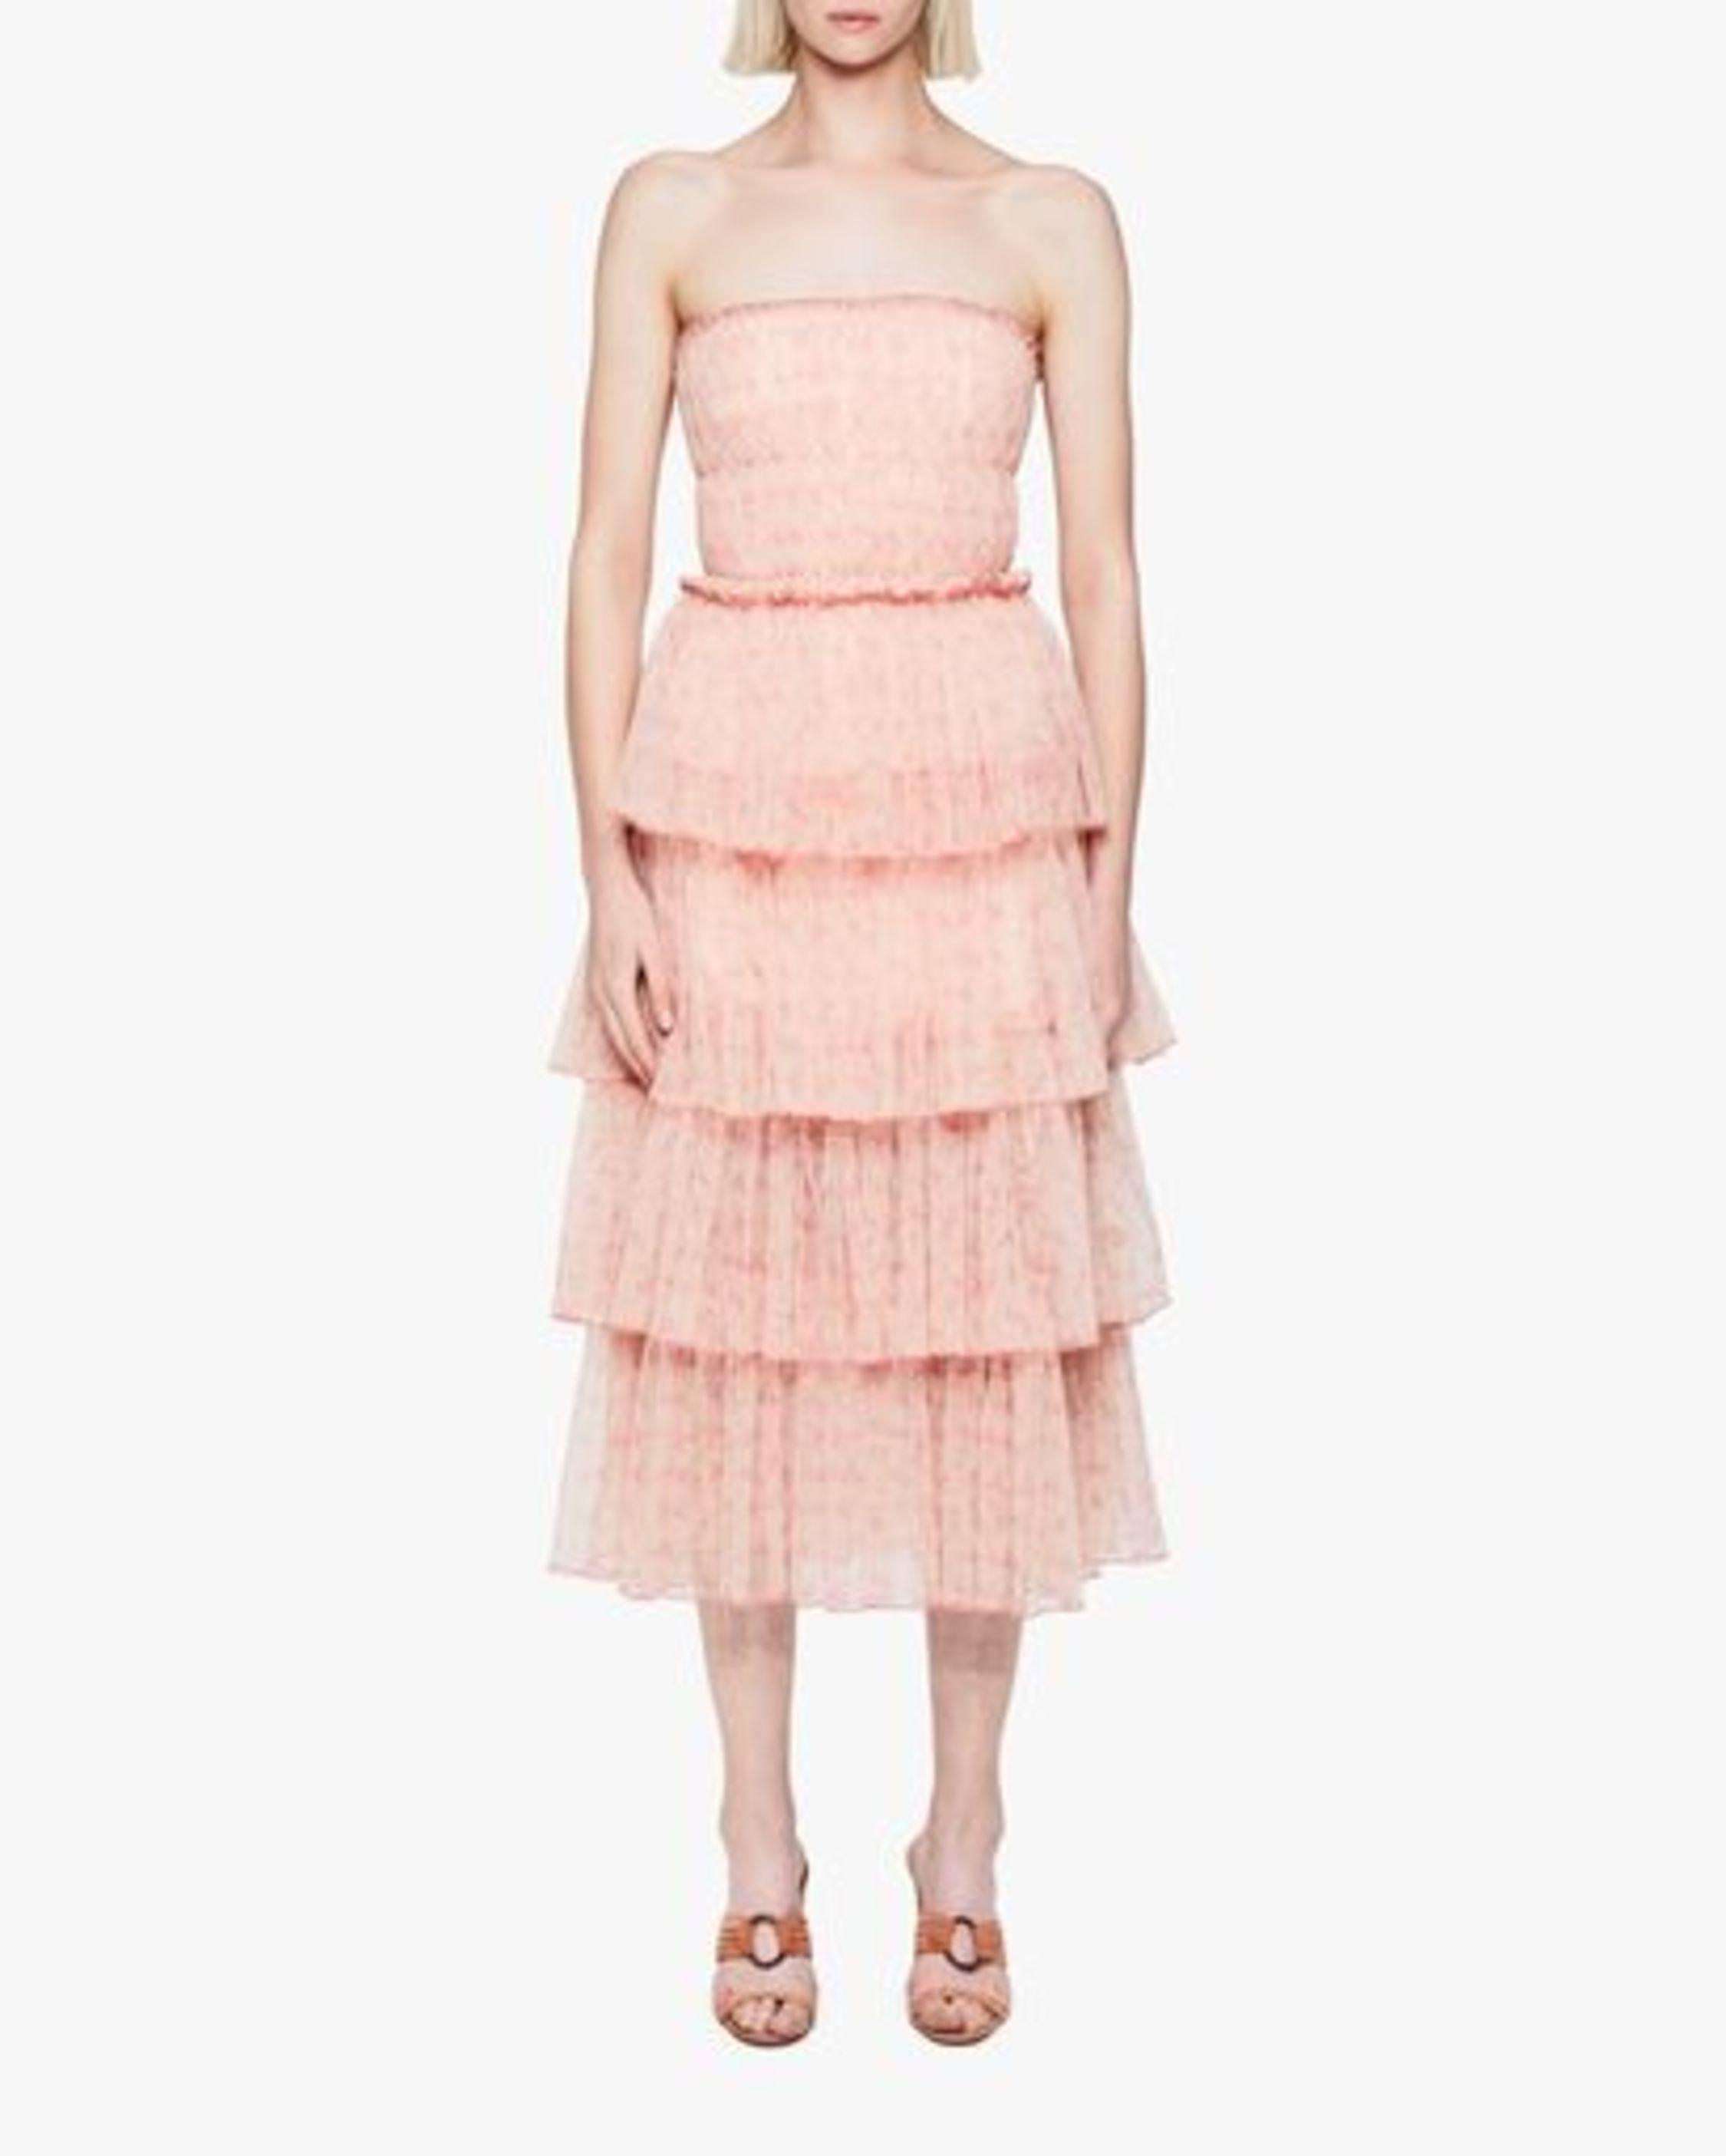 Haryln Tulle Midi Dress